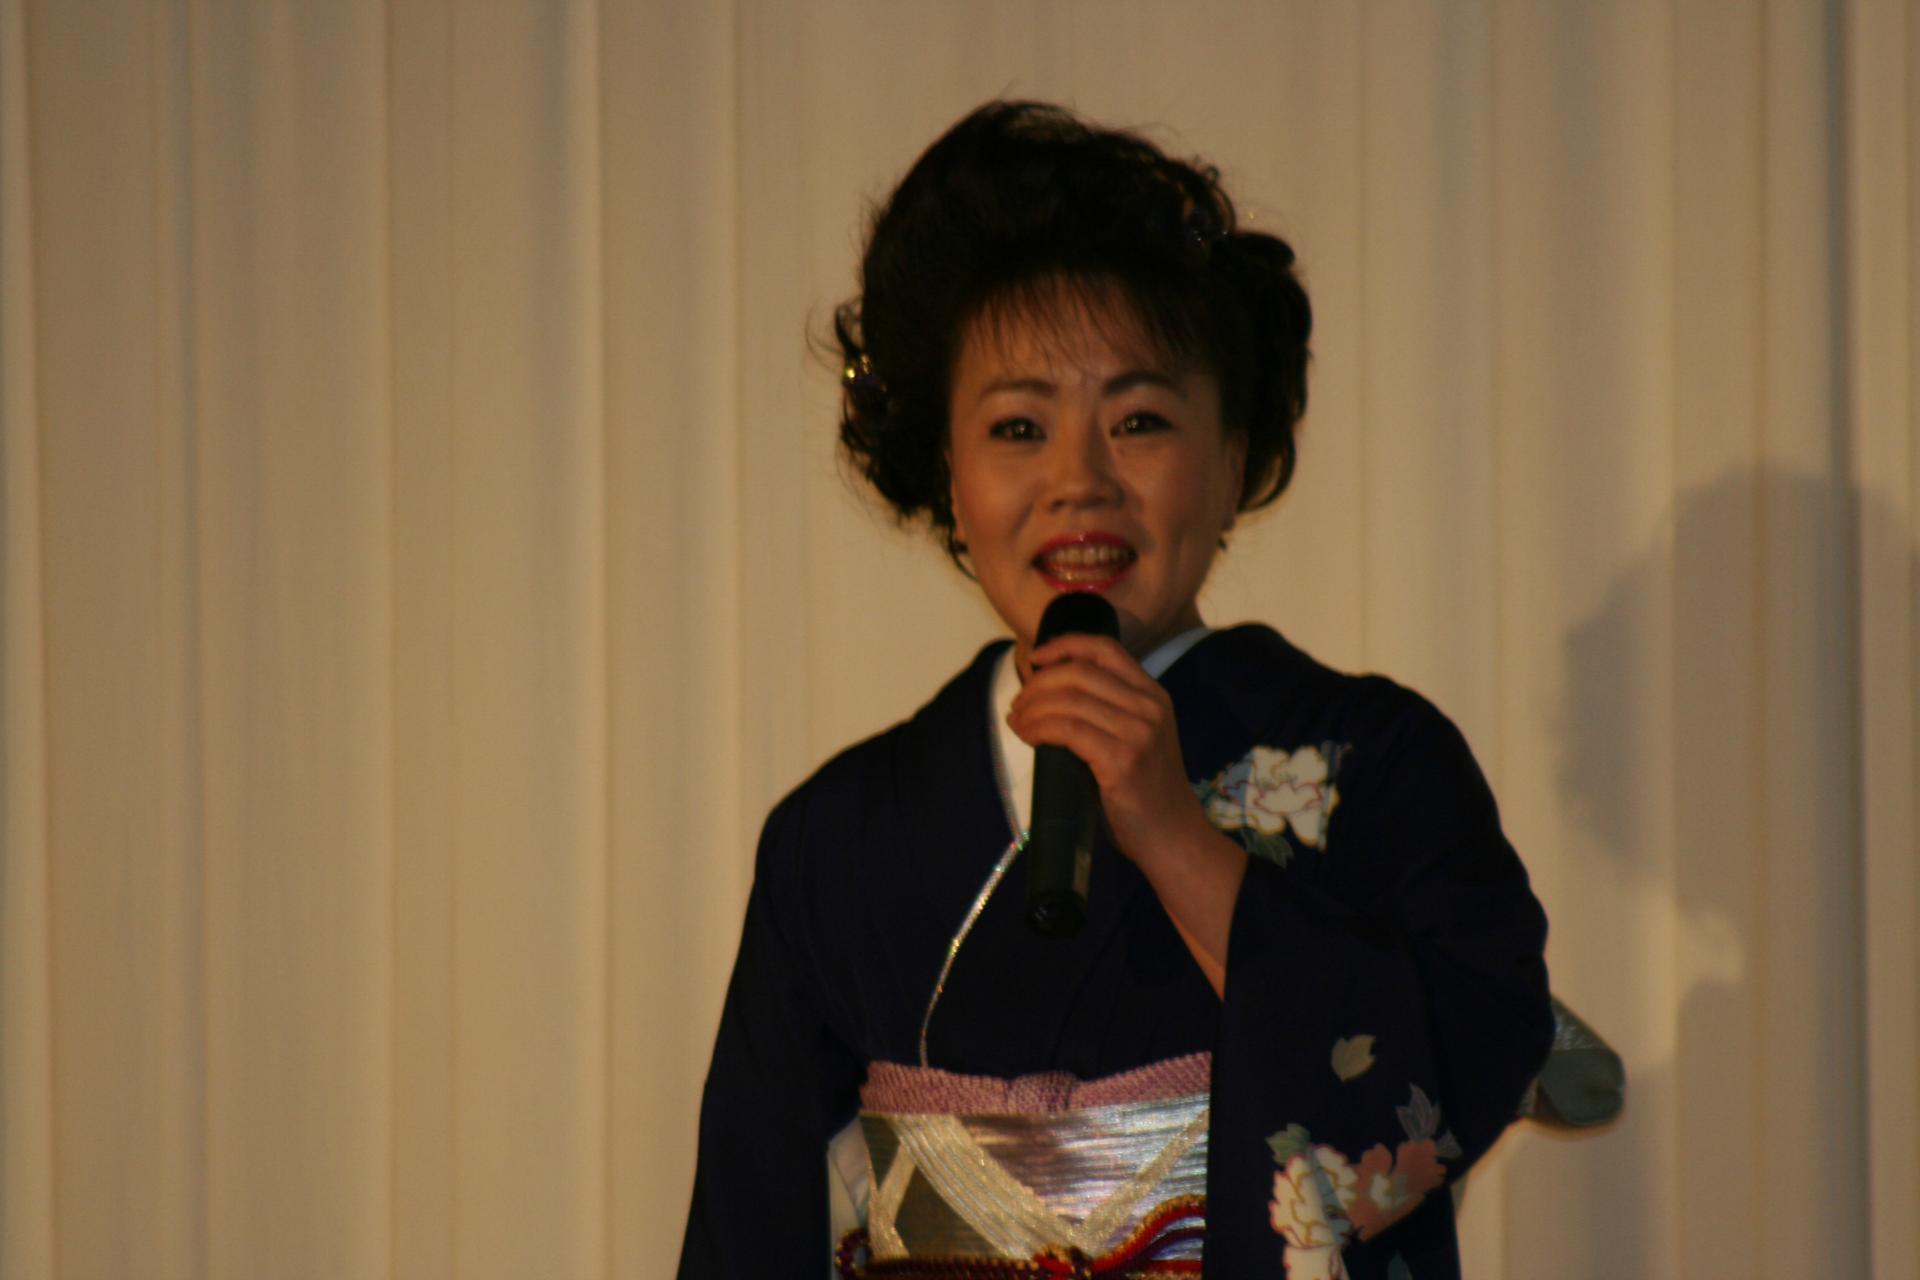 img 5a6d3c7a86e6e.png - 麻生圭子さんの人気ブログ「京都のしずく」とは